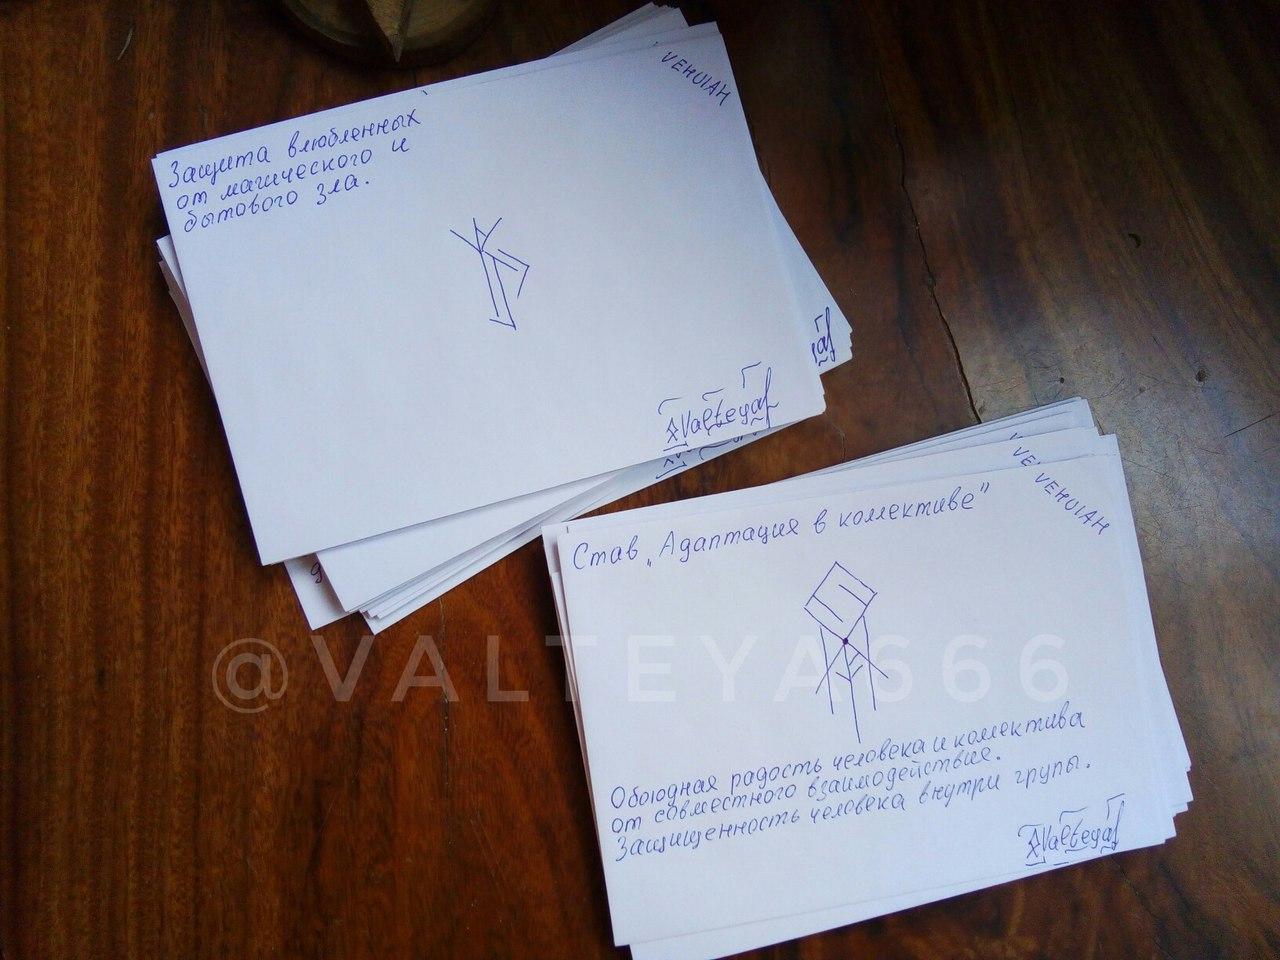 Рунограмма - Конверты с магическими программами от Елены Руденко. Ставы, символы, руническая магия.  - Страница 6 TkTMiWdFjUc